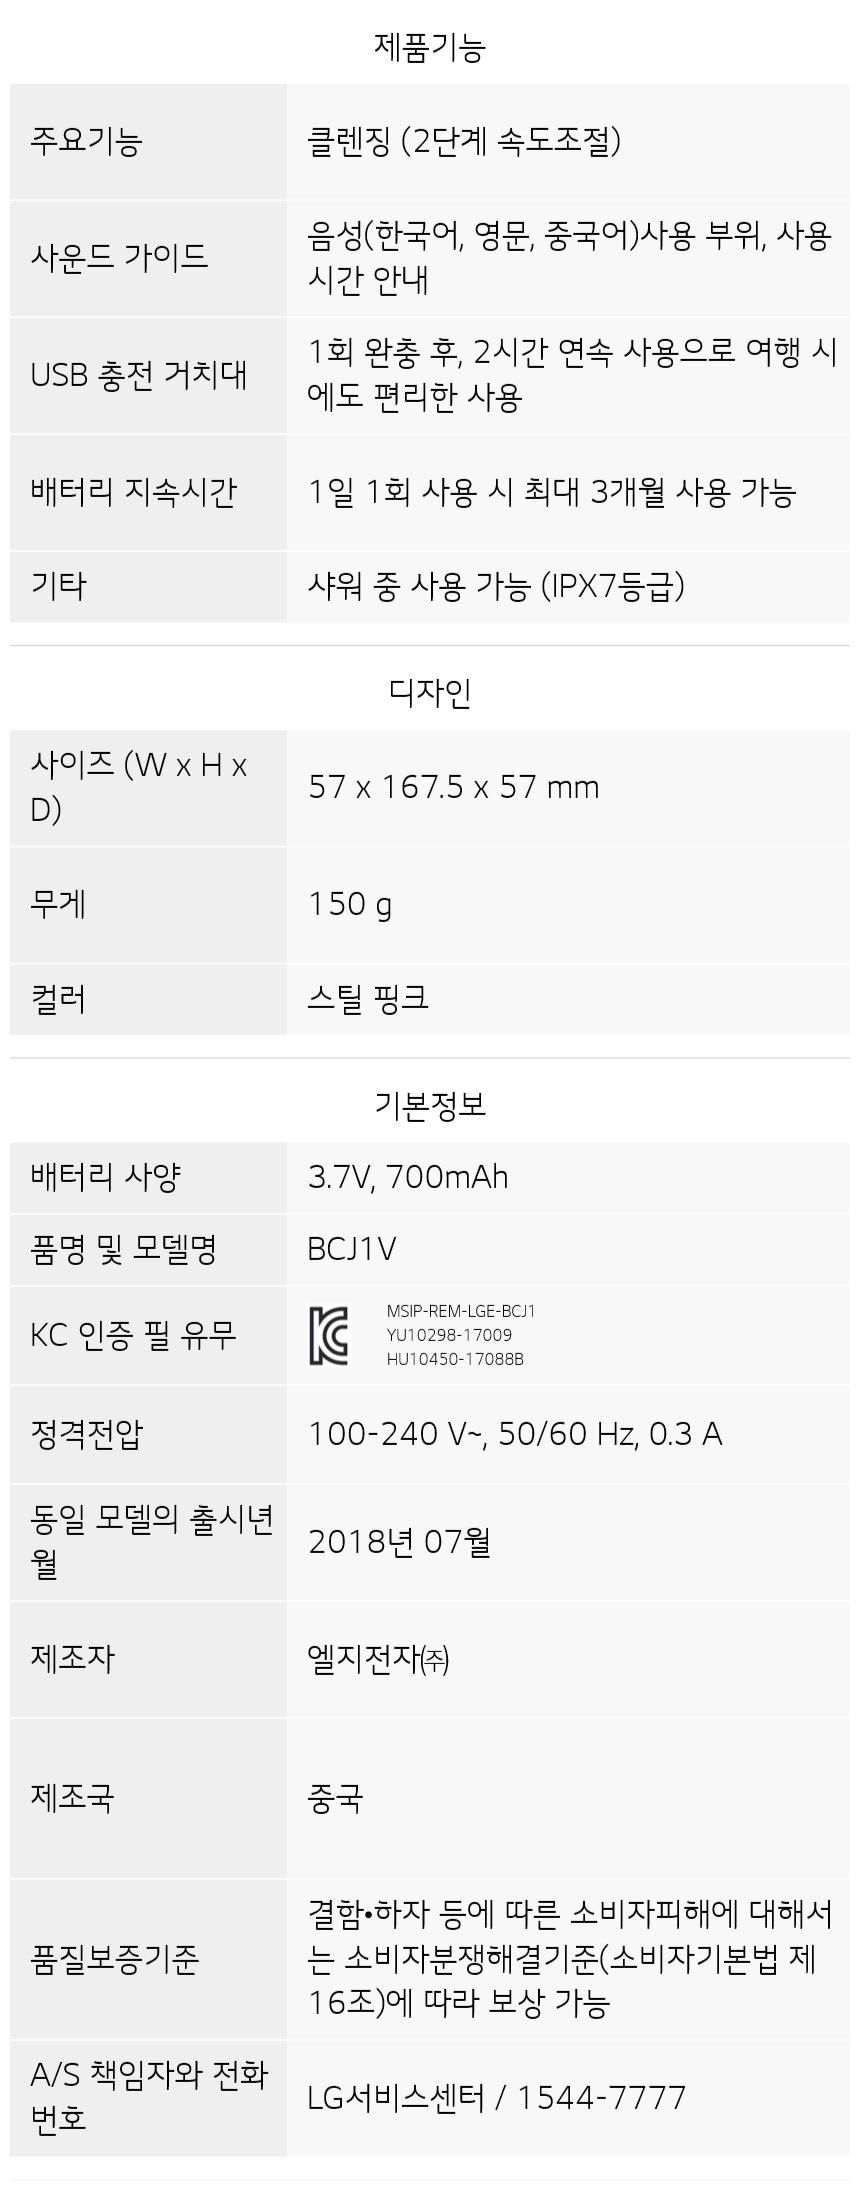 BCJ1V 제품 사양